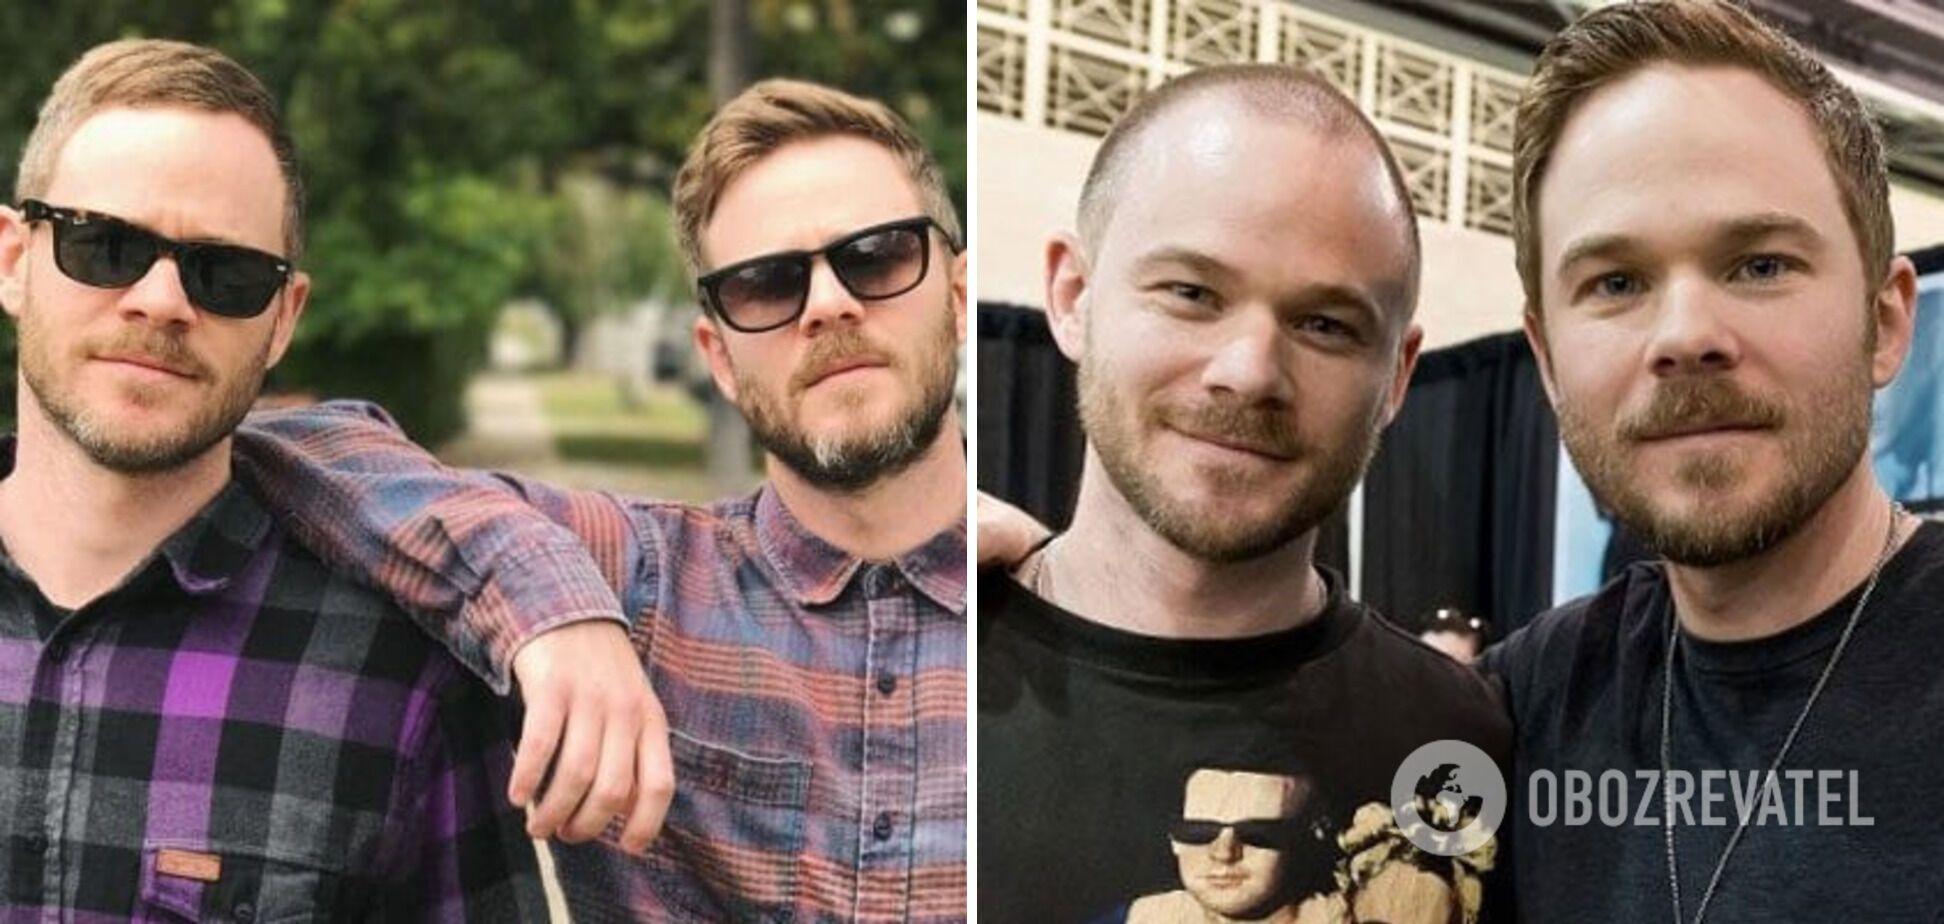 Шон Ешмор має брата близнюка.